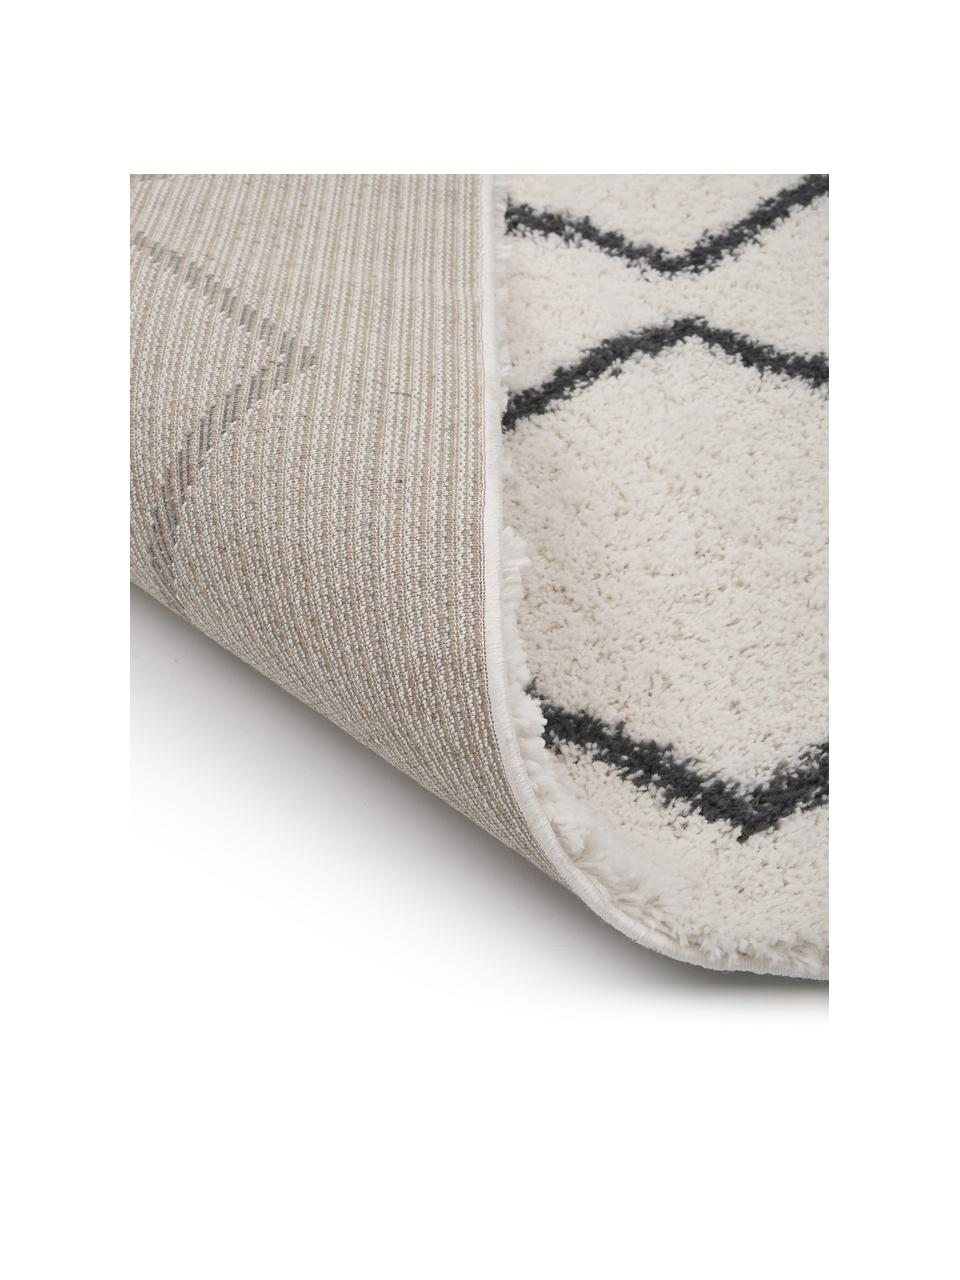 Hochflor-Teppich Velma in Cremeweiß/Dunkelgrau, Flor: 100% Polypropylen, Cremeweiß, Dunkelgrau, B 300 x L 400 cm (Größe XL)